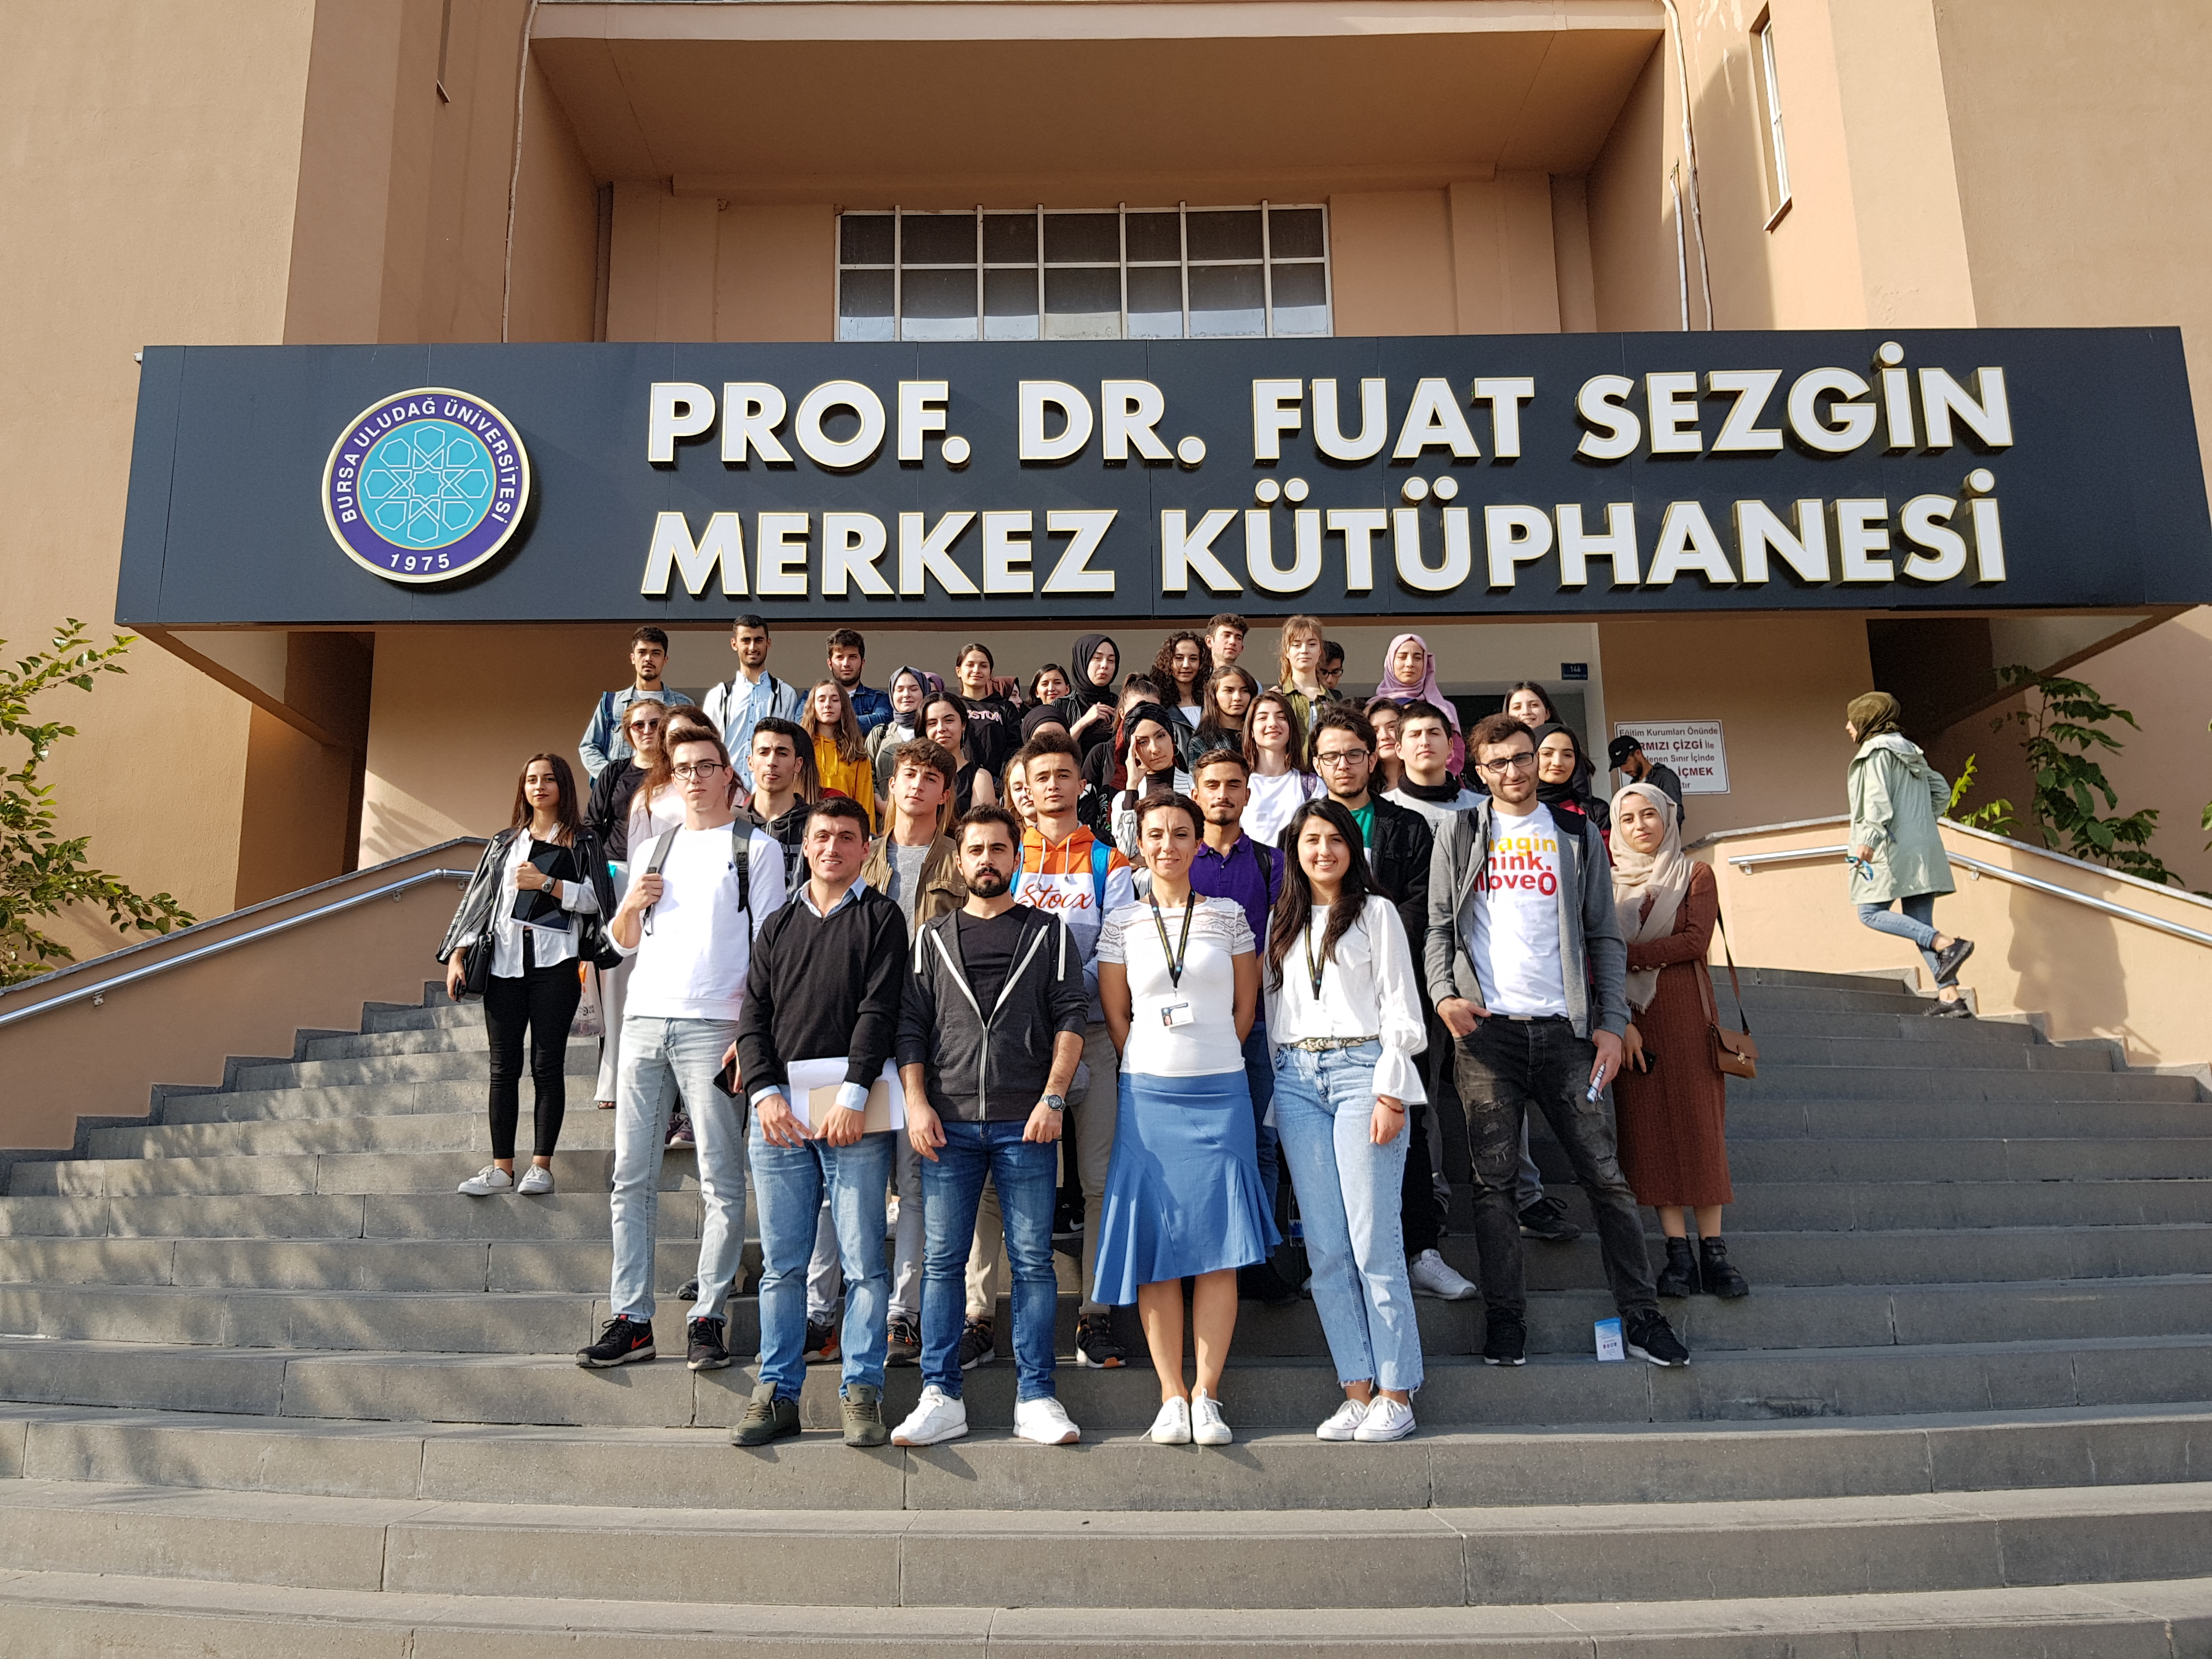 Coğrafya Bölümü 1. Sınıf Öğrencileri Bursa Uludağ Üniversitesi Prof. Dr. Fuat SEZGİN Merkez Kütüphanesinde